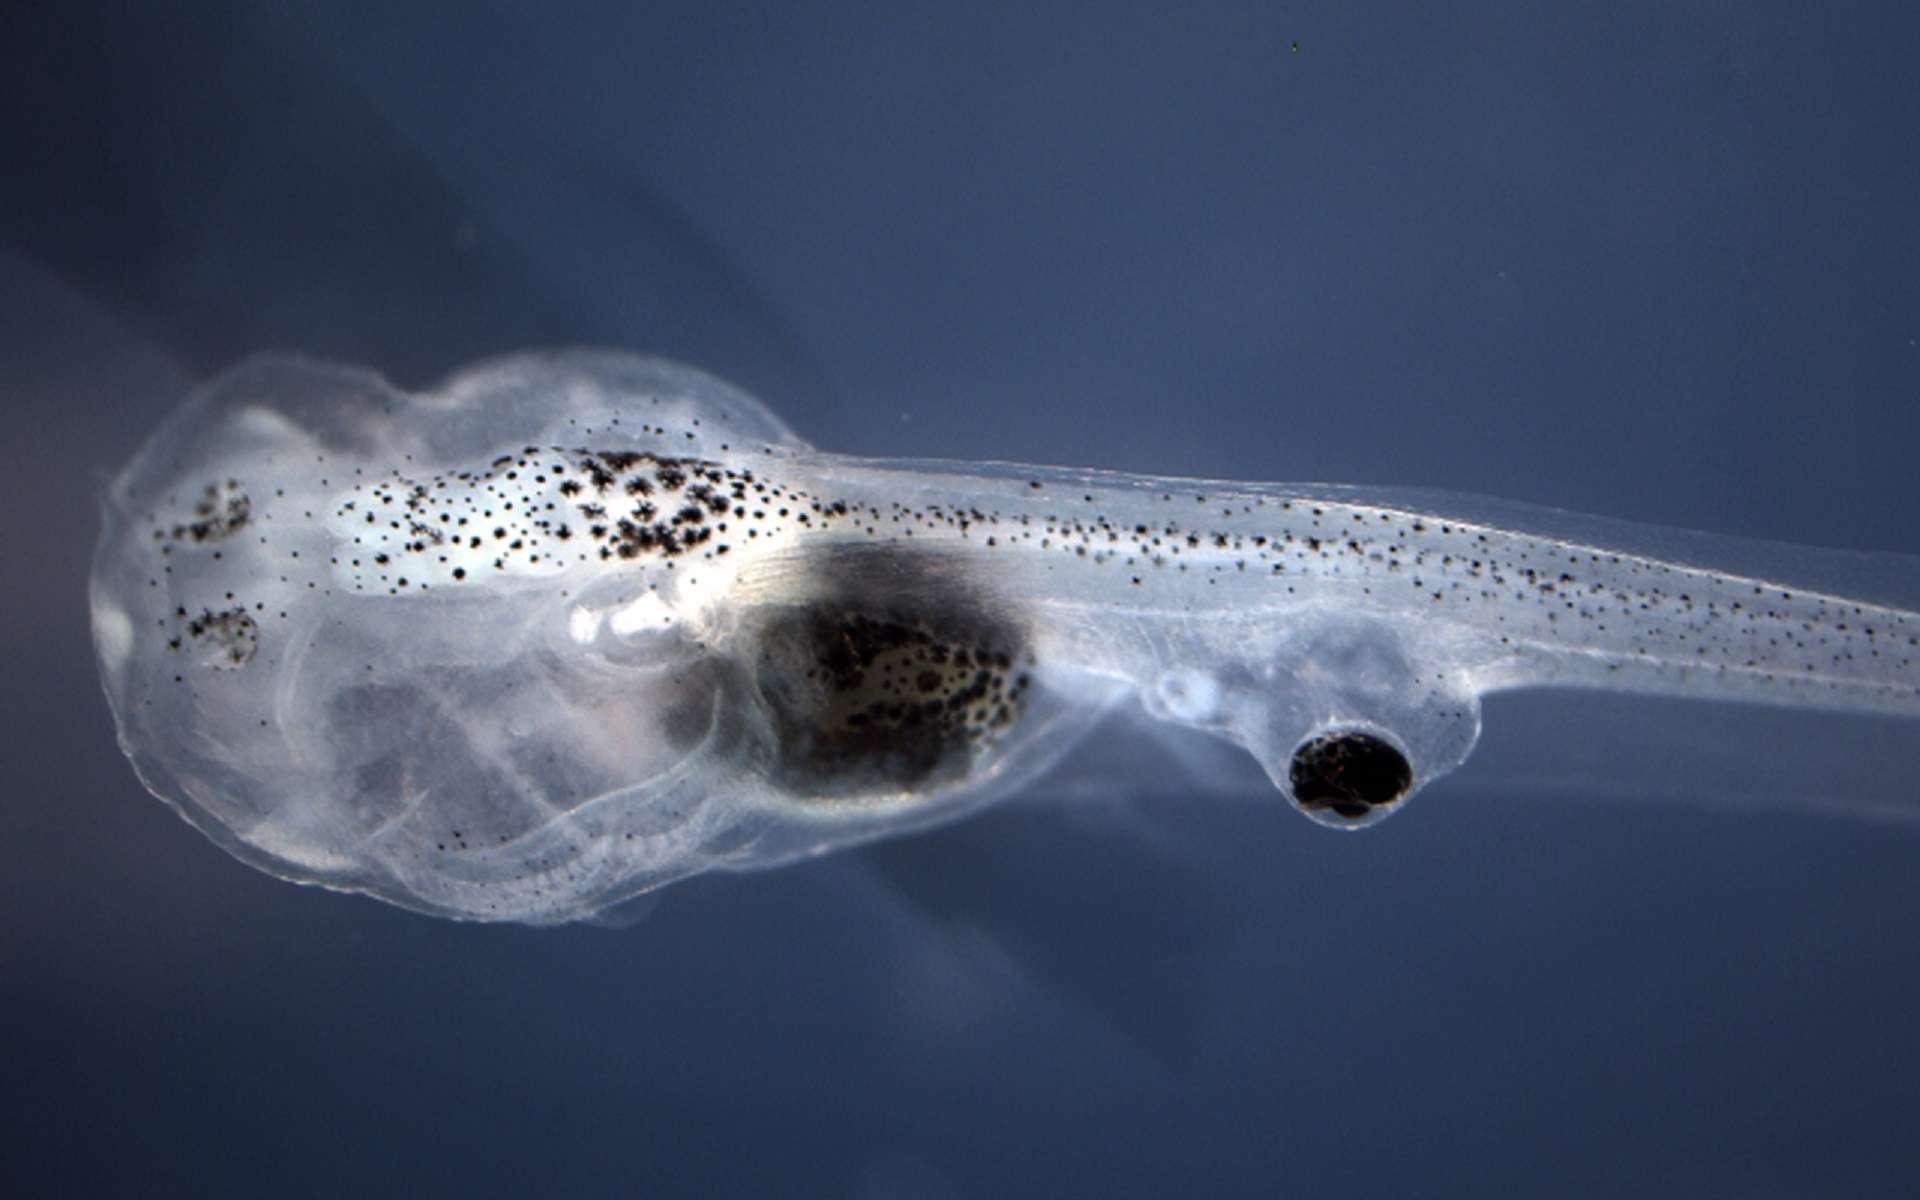 Un œil implanté sur la queue du têtard lui permet de voir. © Allen Discovery Center at Tufts University